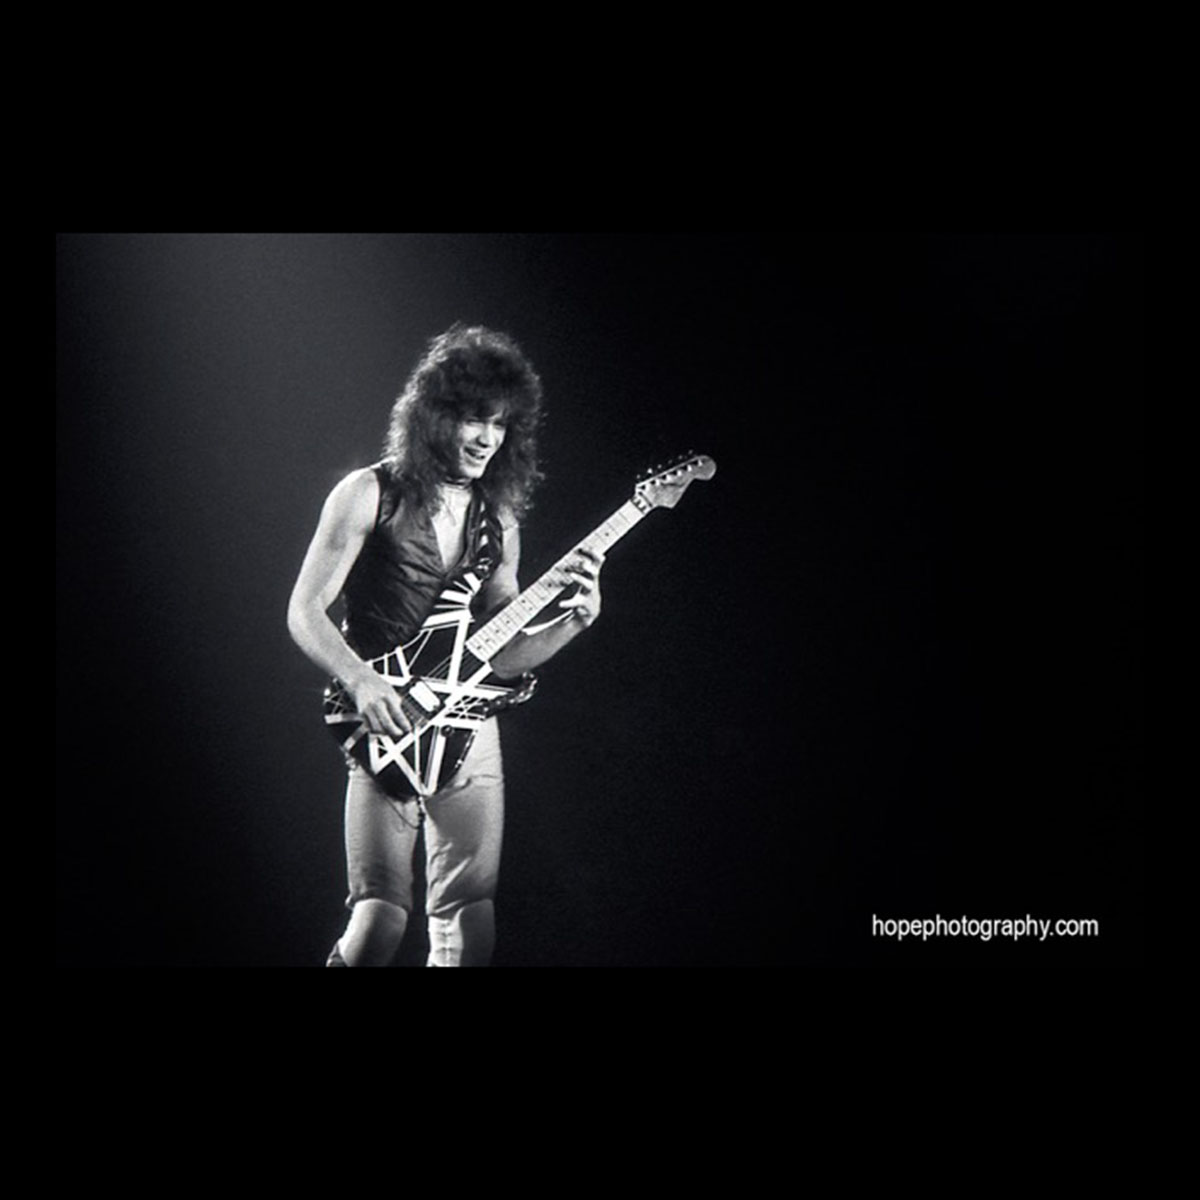 Van Halen Succumbs To Throat Cancer Battle